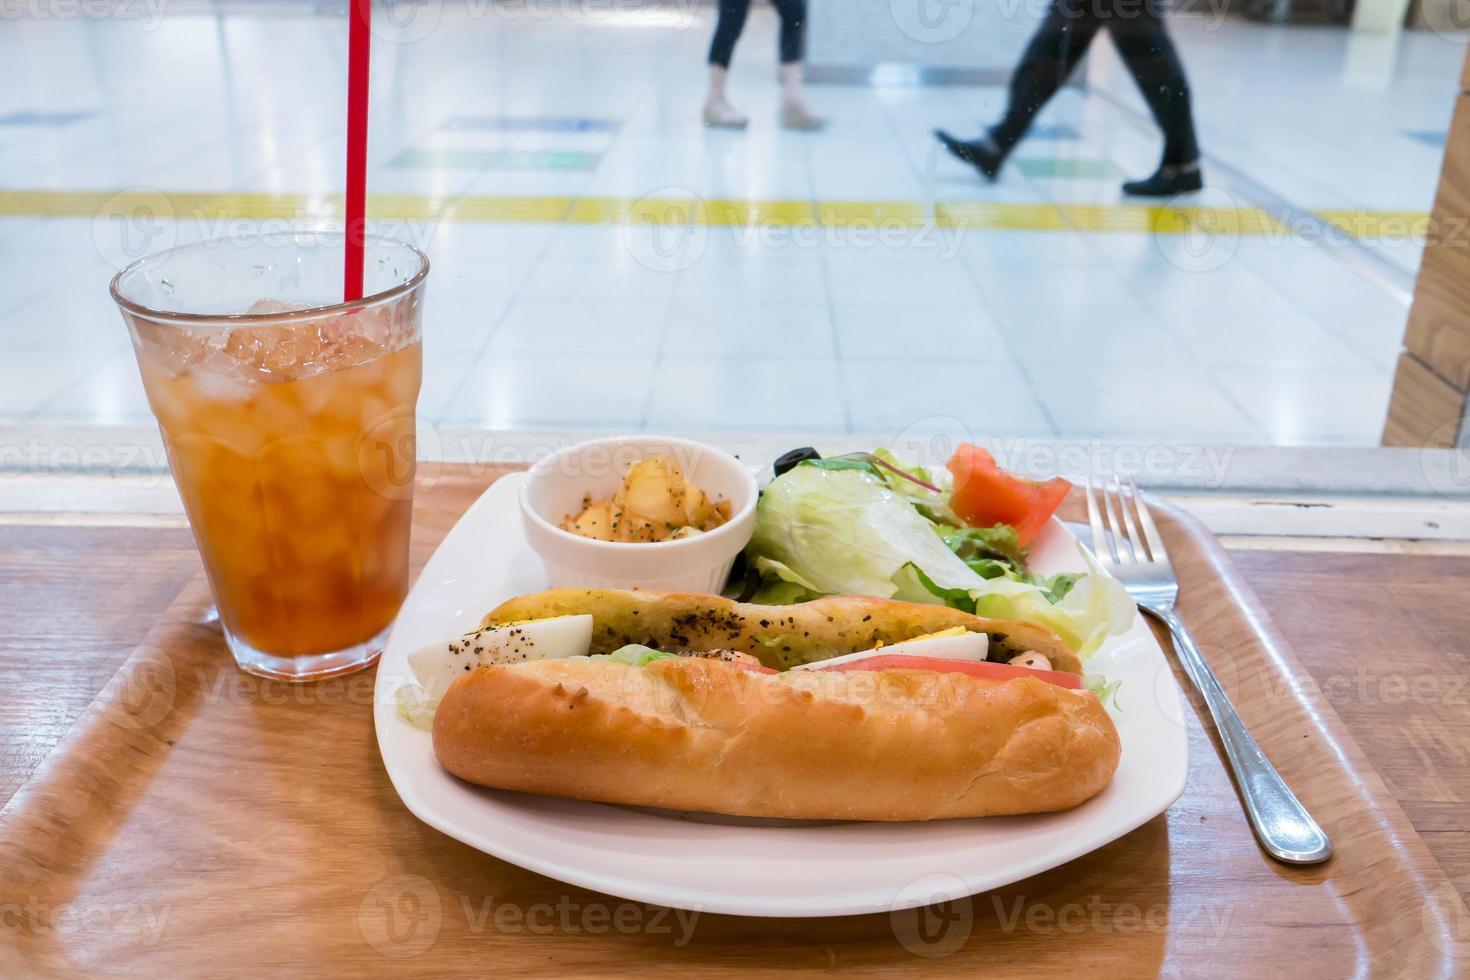 lunch bij een raam foto